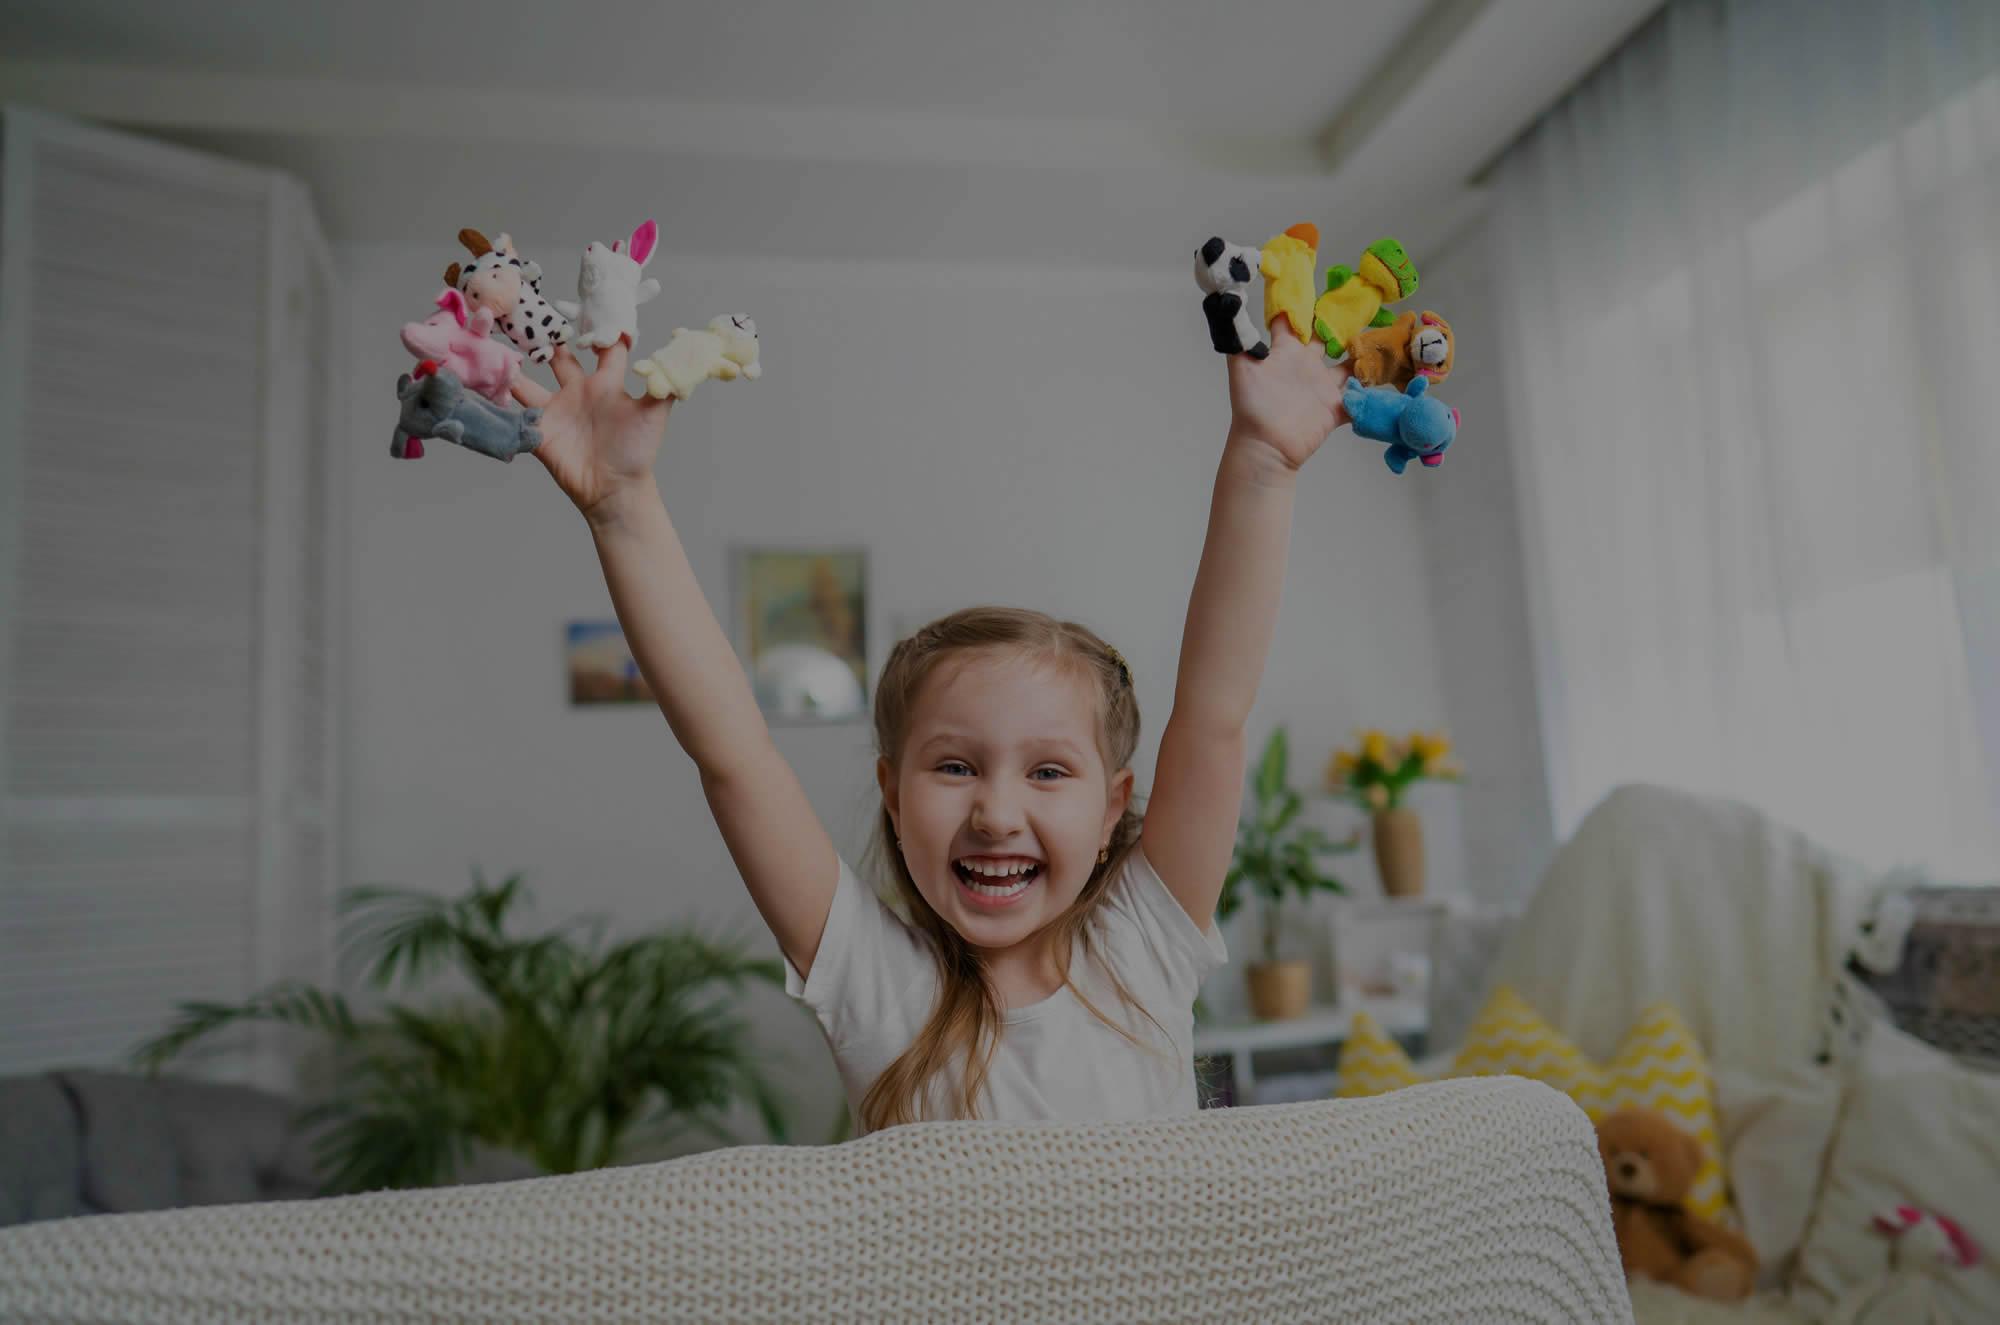 La importancia del arte para los niños